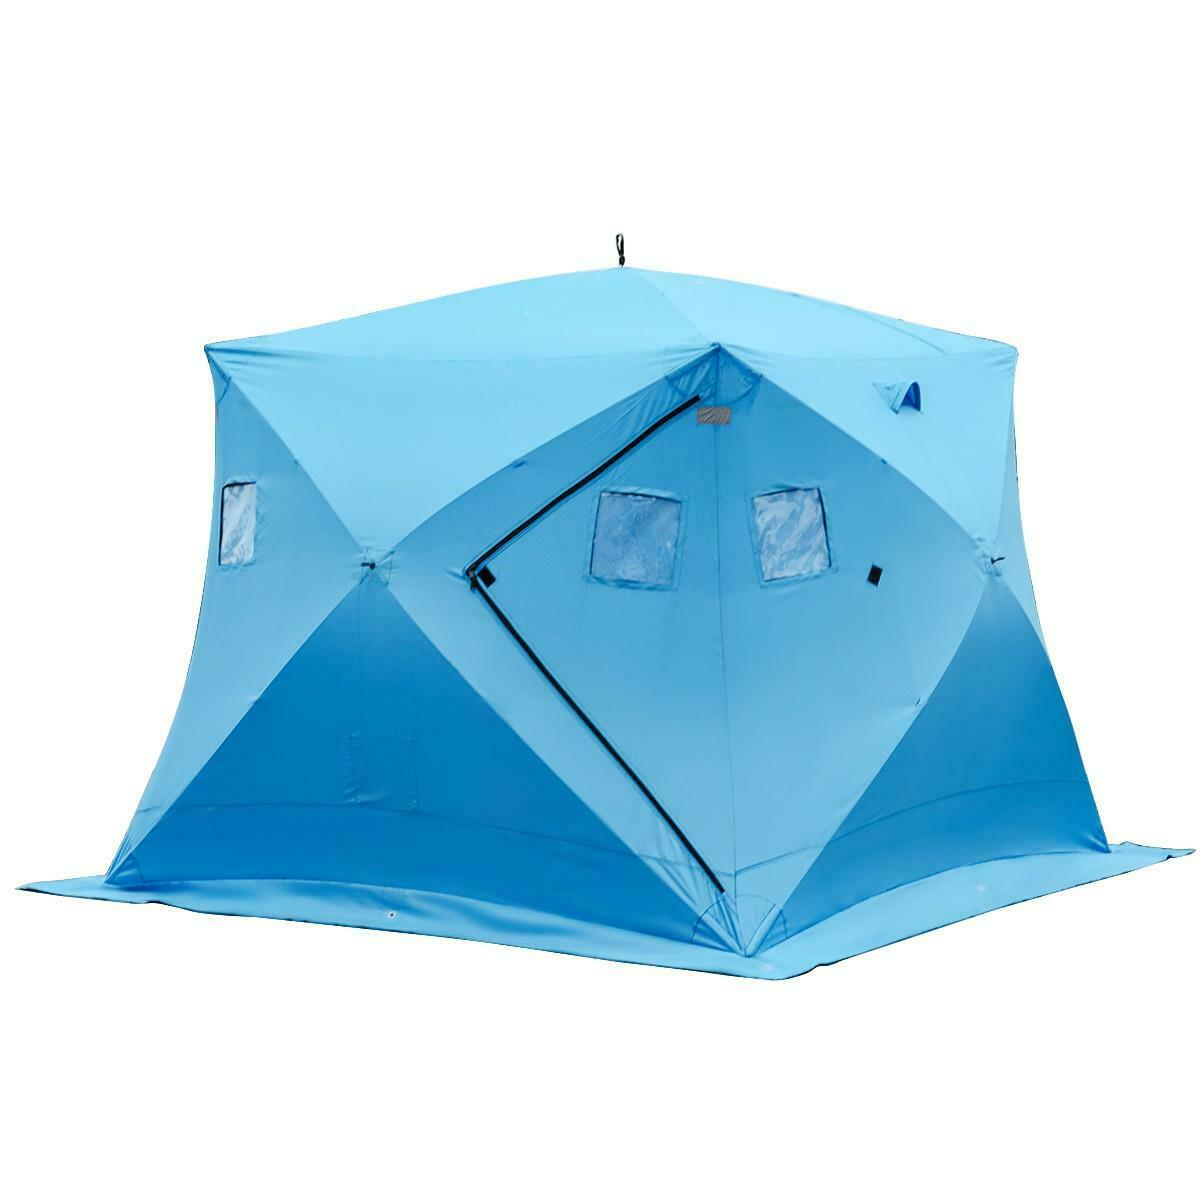 Nuevo Durable Impermeable 4 personas Refugio de hielo pesca Cochepa con bolsa de almacenamiento de información